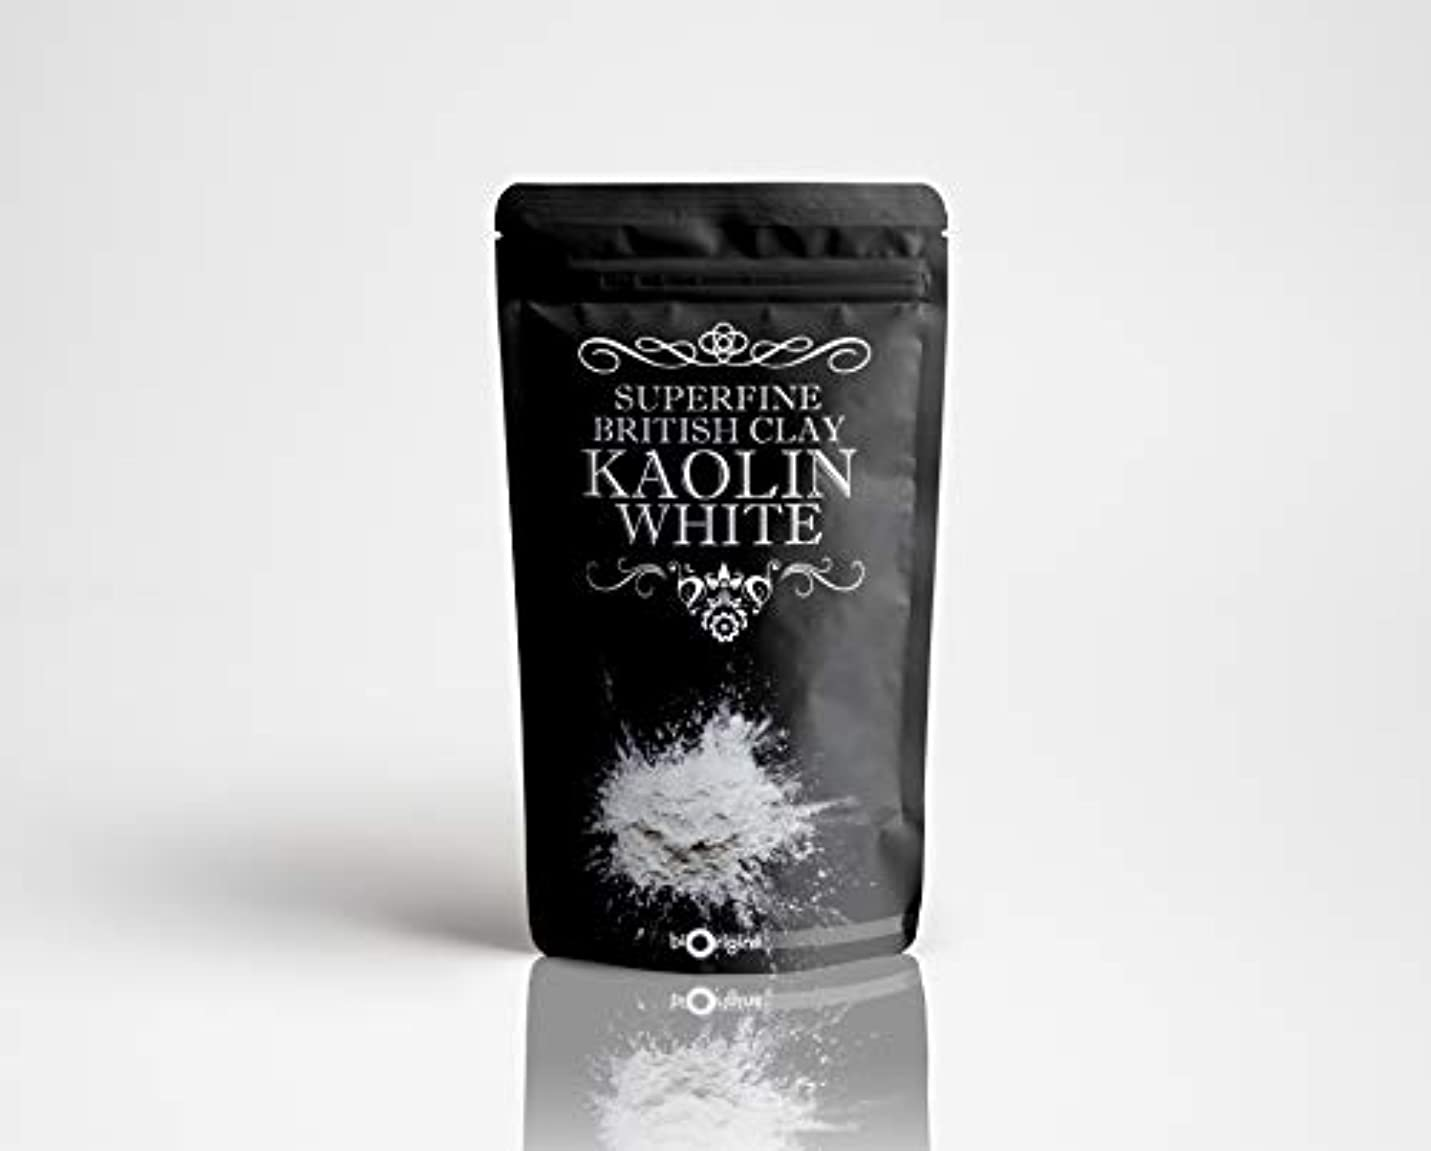 ロケットたくさんラベKaolin White Superfine British Clay - 100g